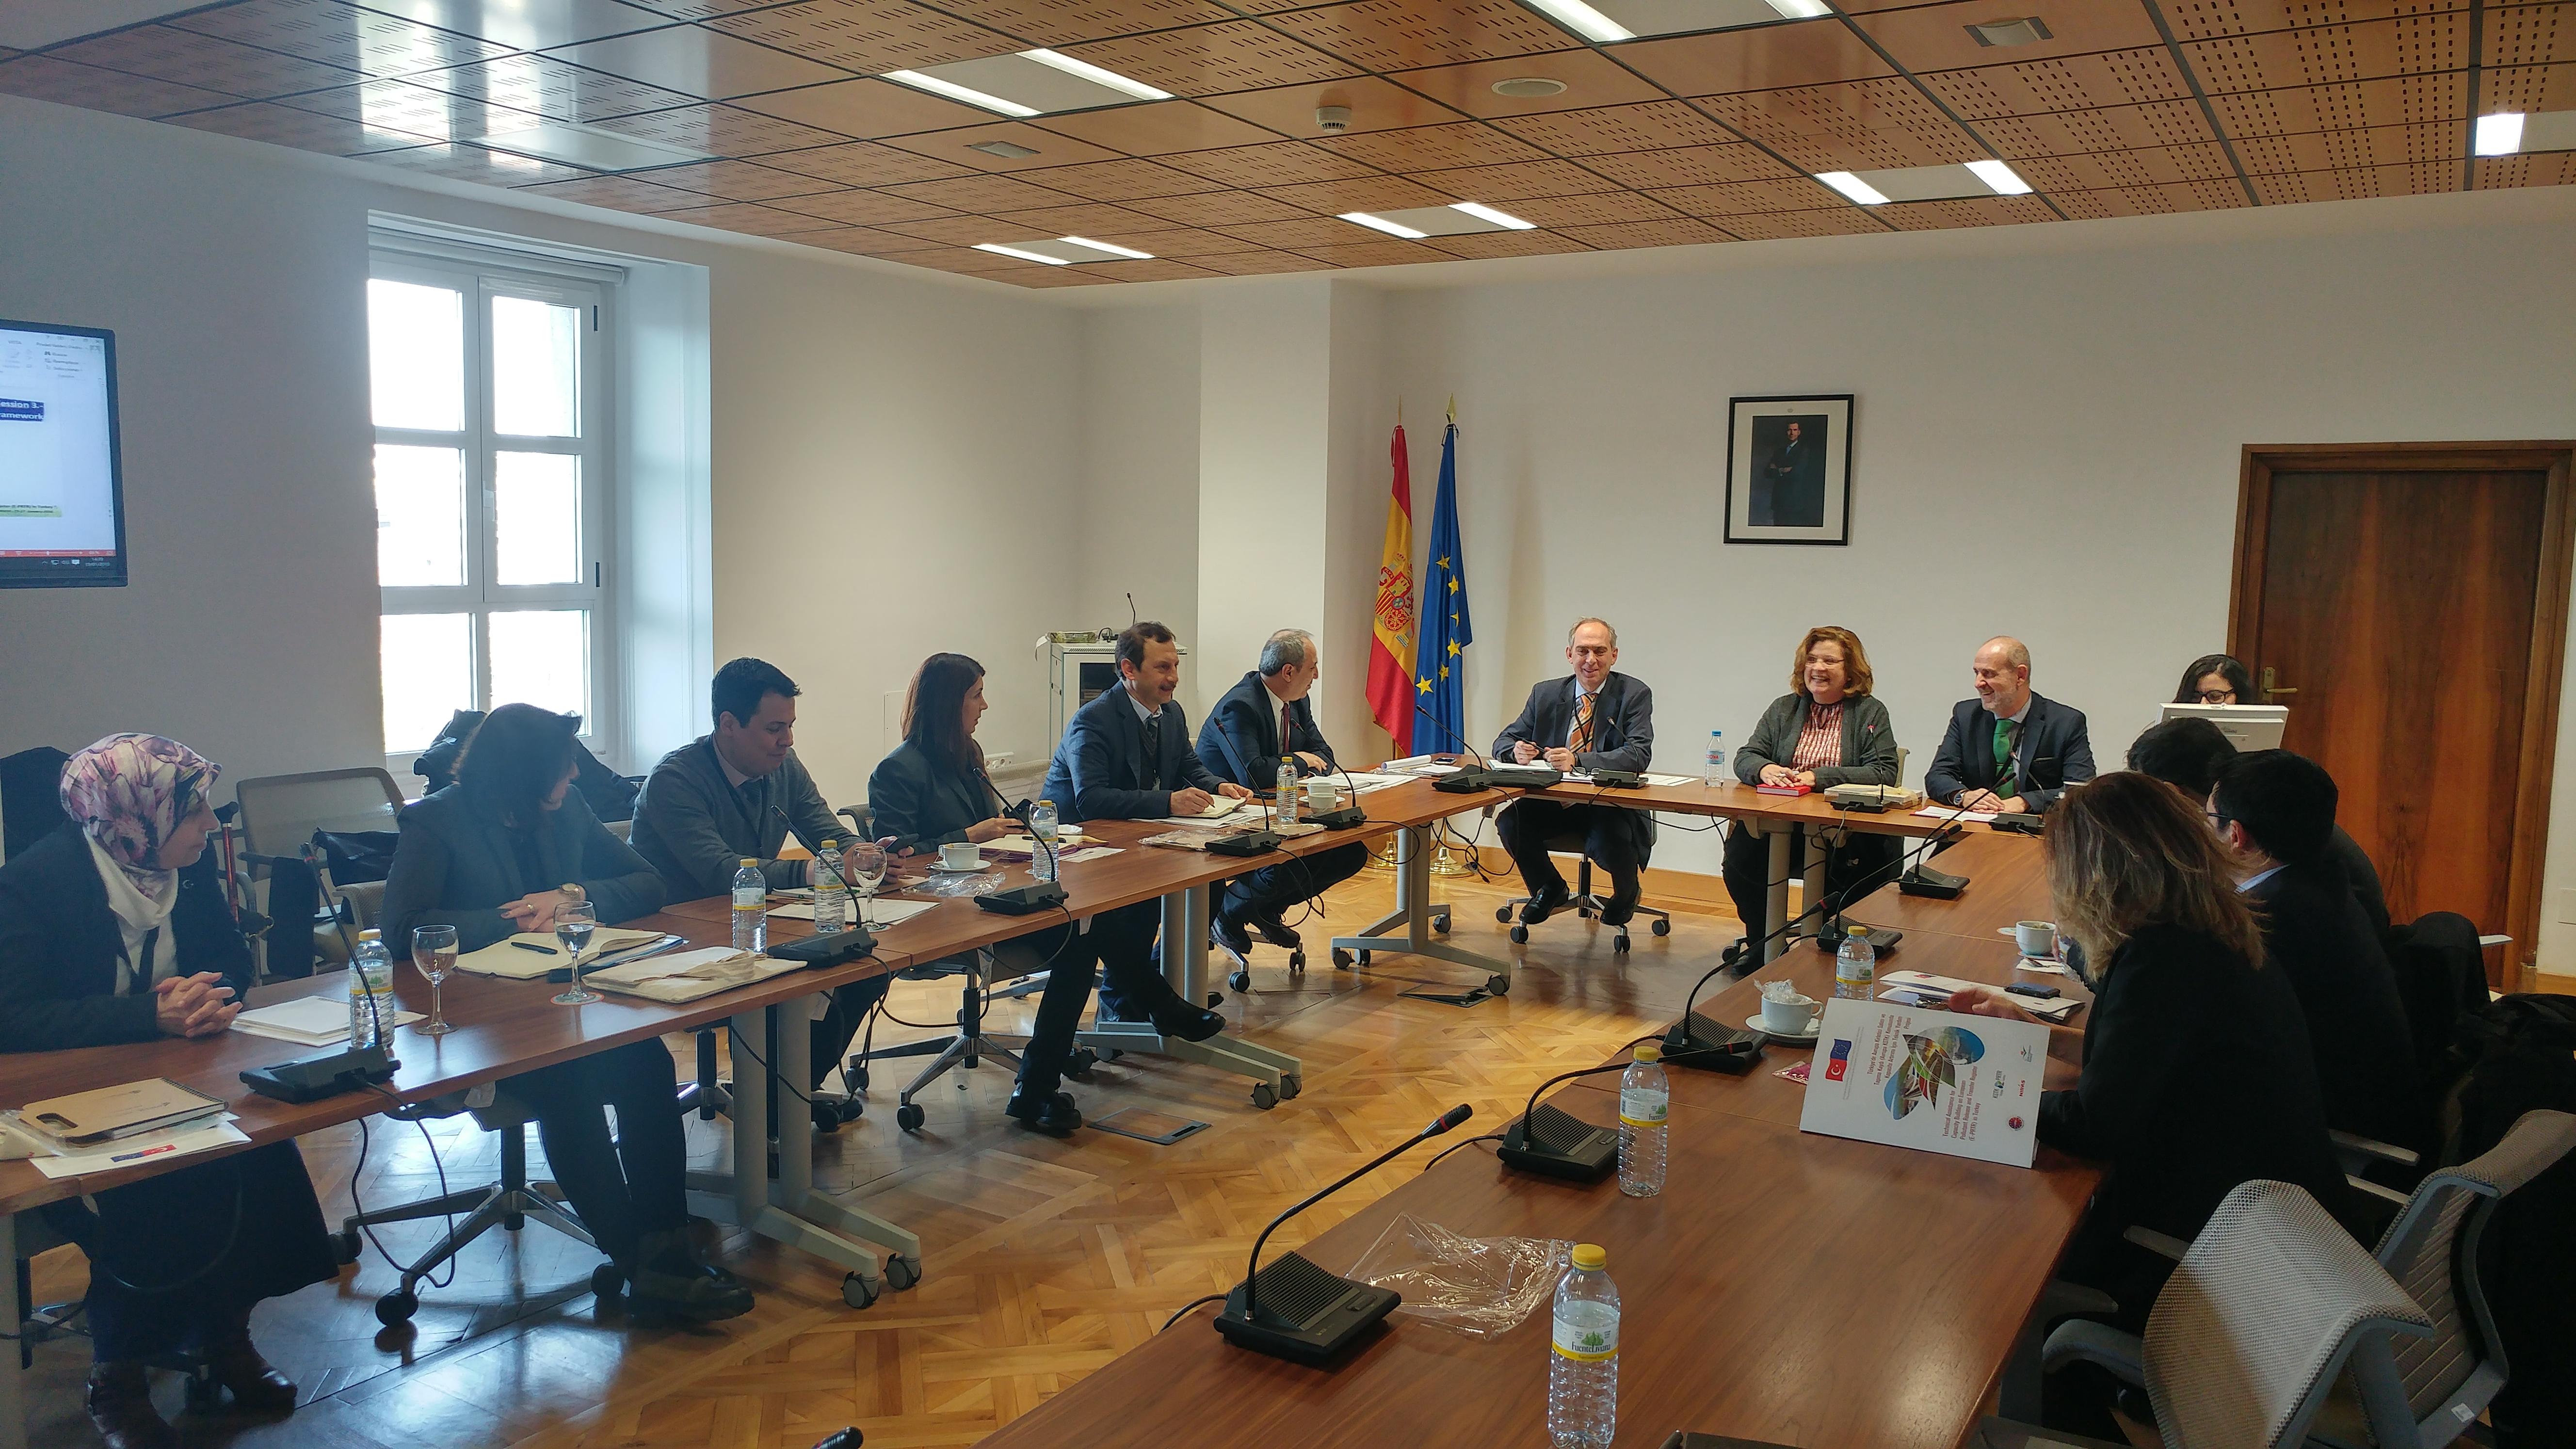 14-20 Ocak 2018 Tarihleri Arasında İspanya'nın Madrid Şehrine Bir Çalışma Ziyareti Gerçekleştirildi